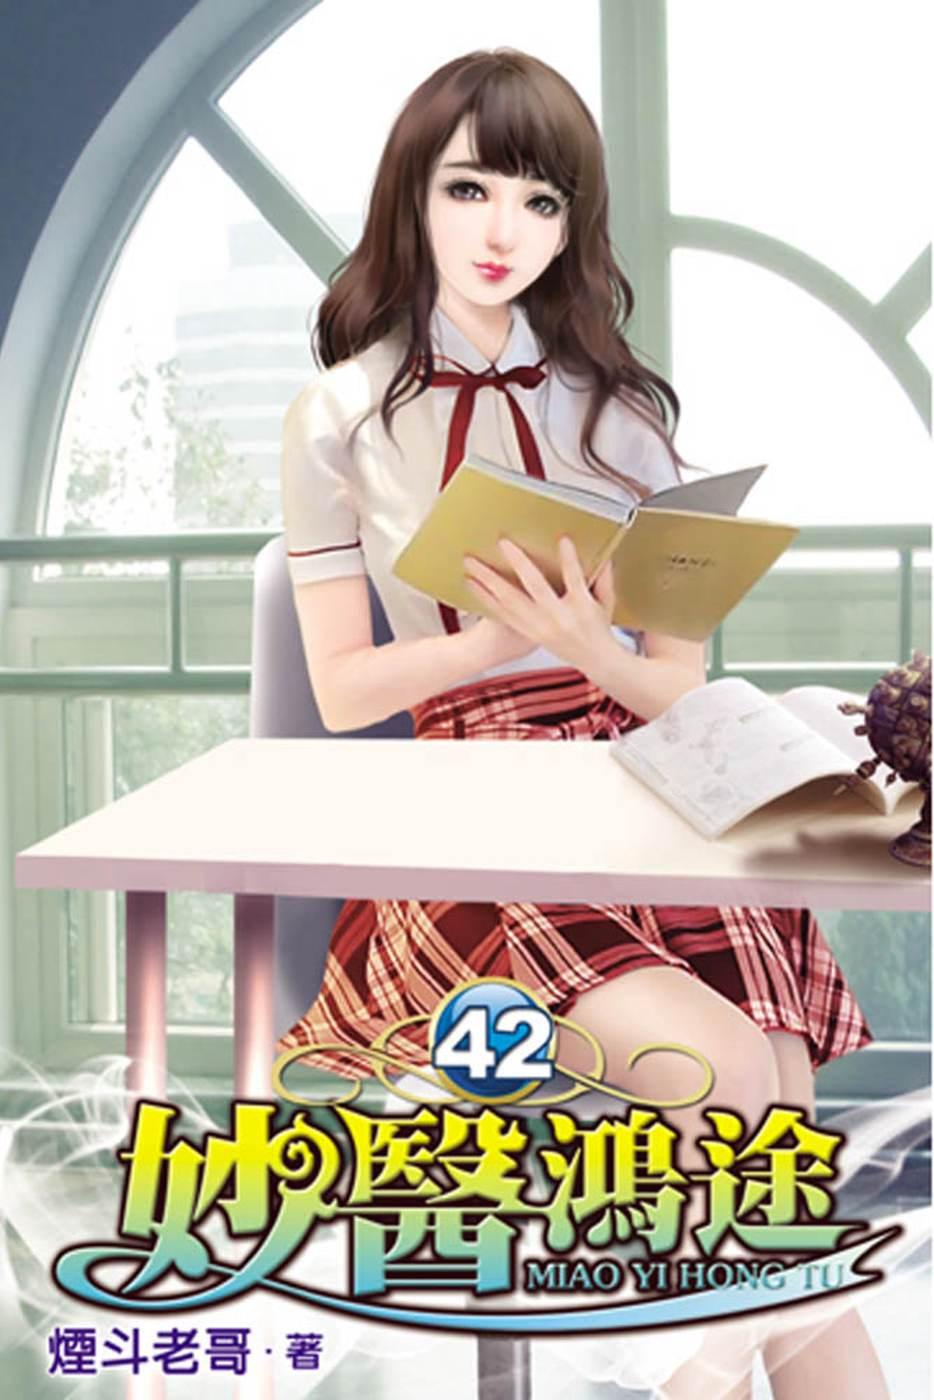 《妙醫鴻途42》 商品條碼,ISBN:9789575630331